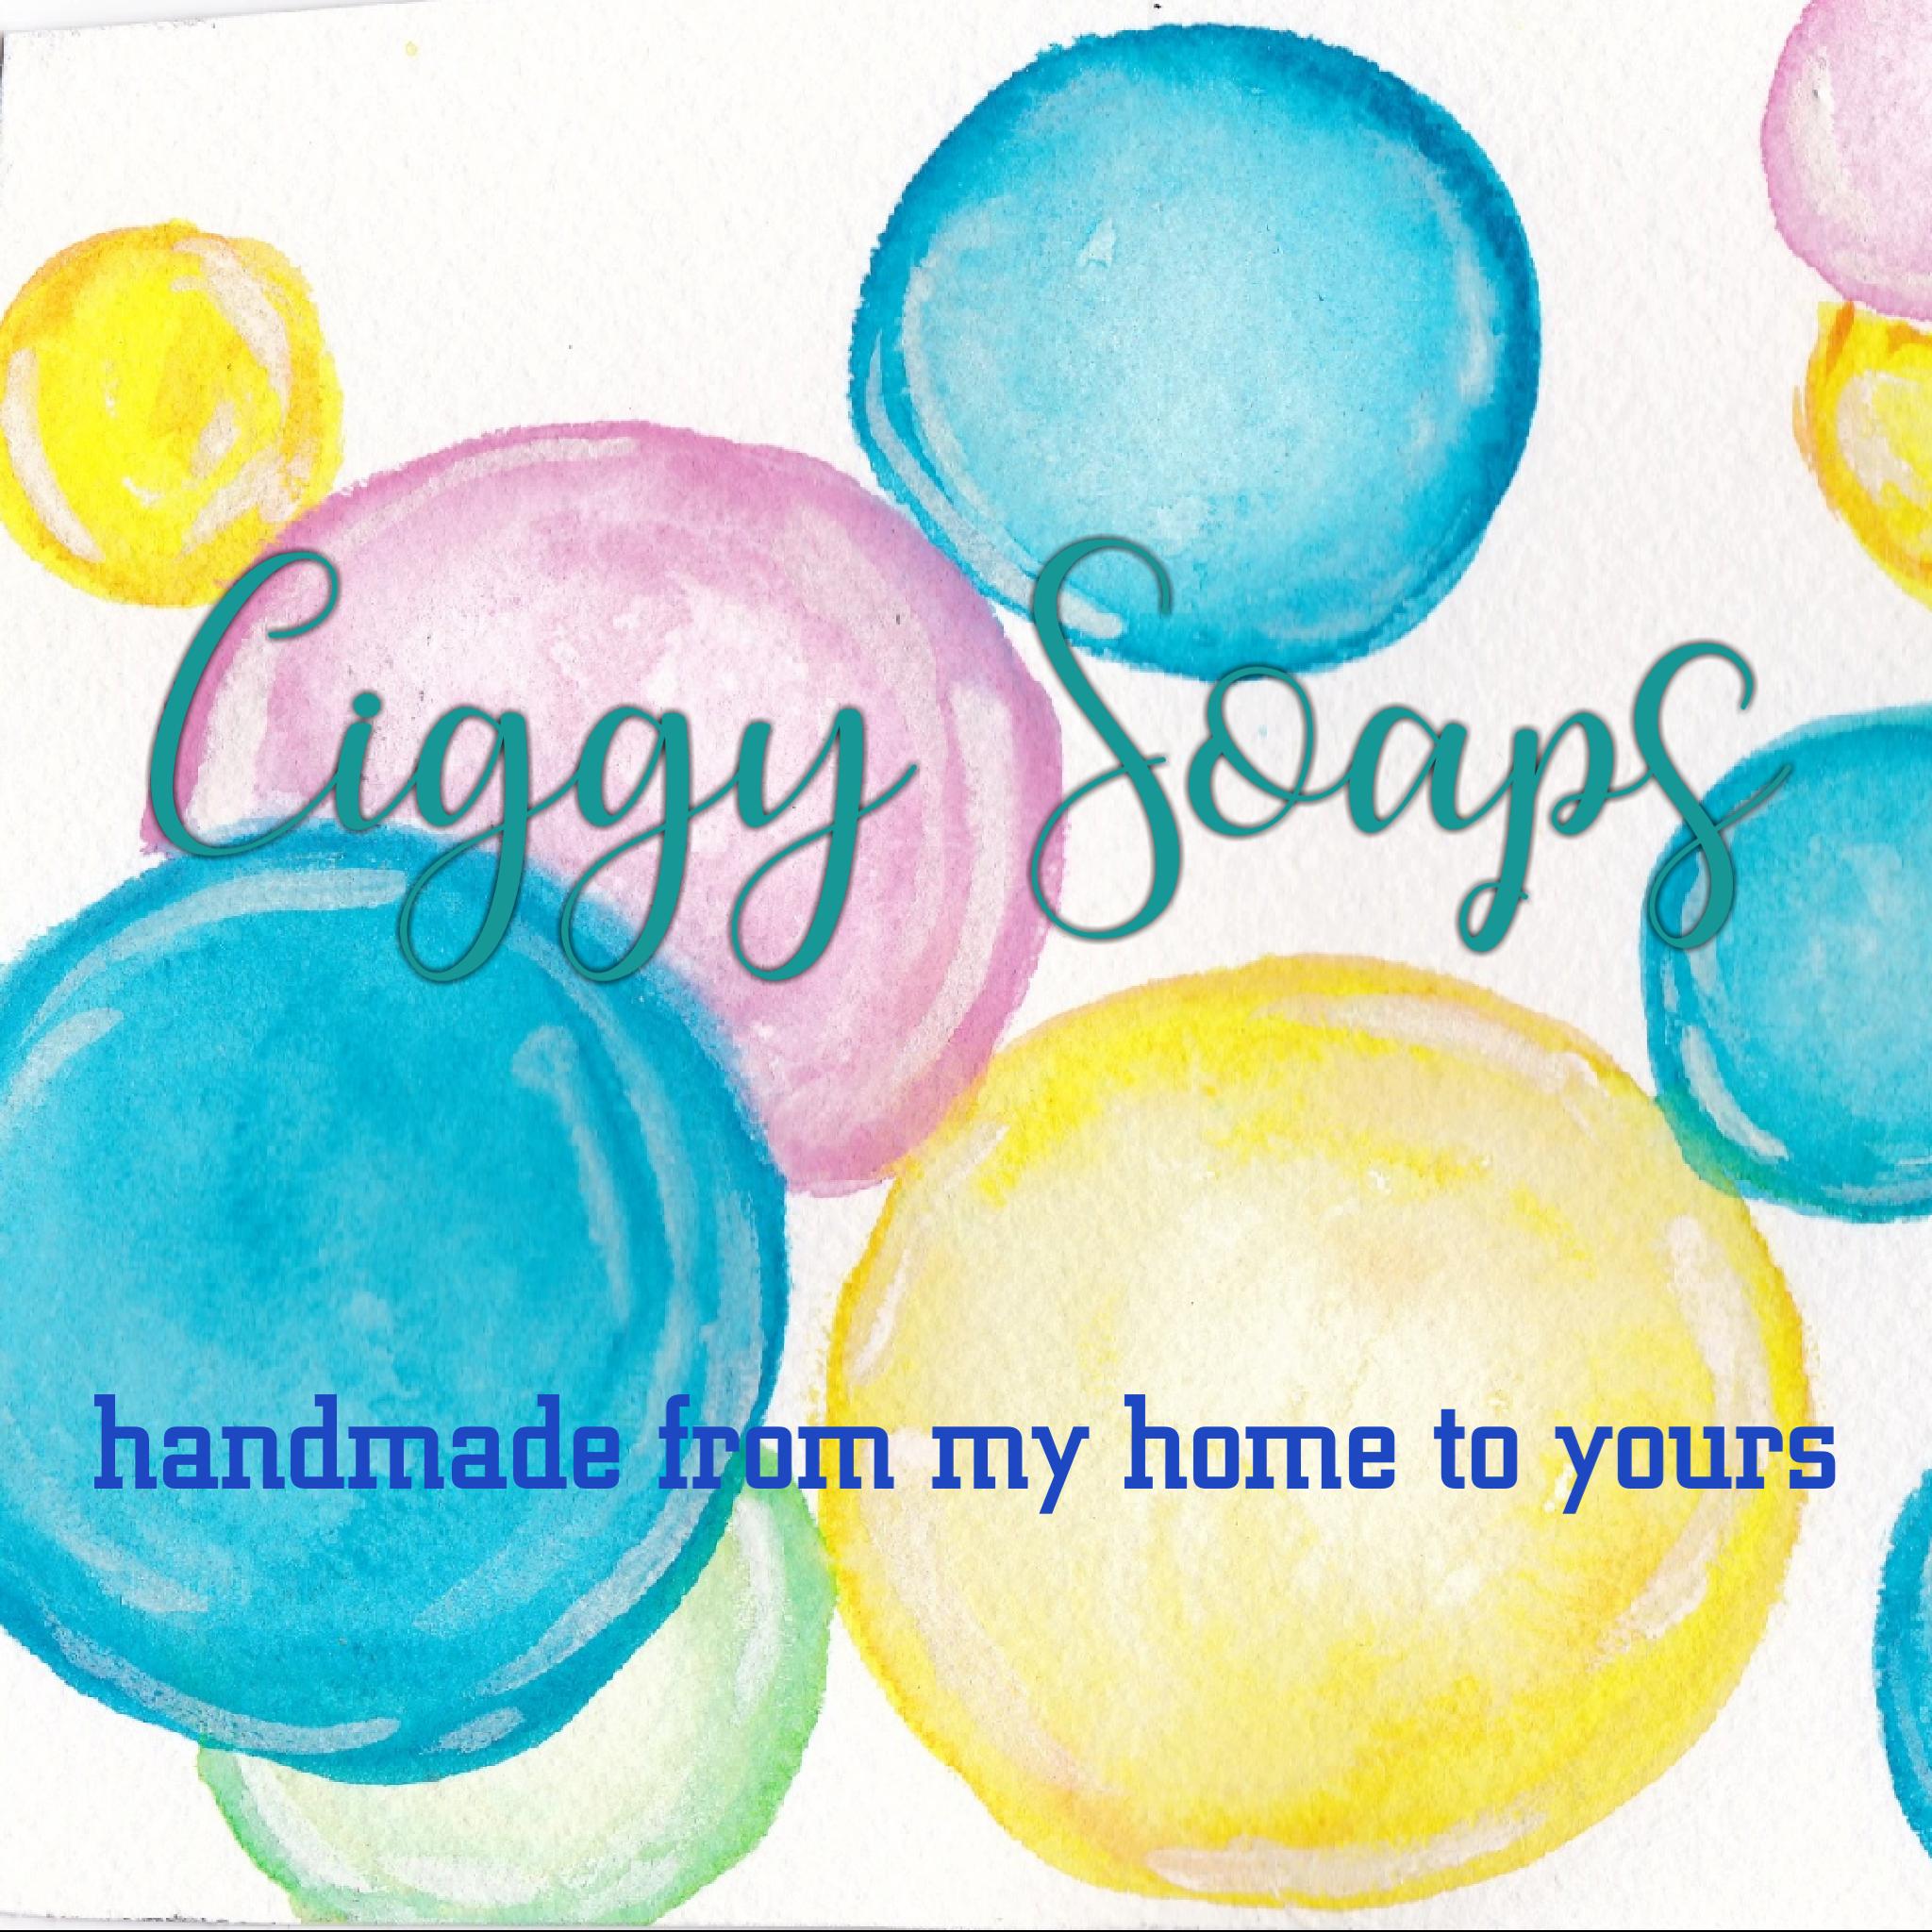 Ciggy Soaps